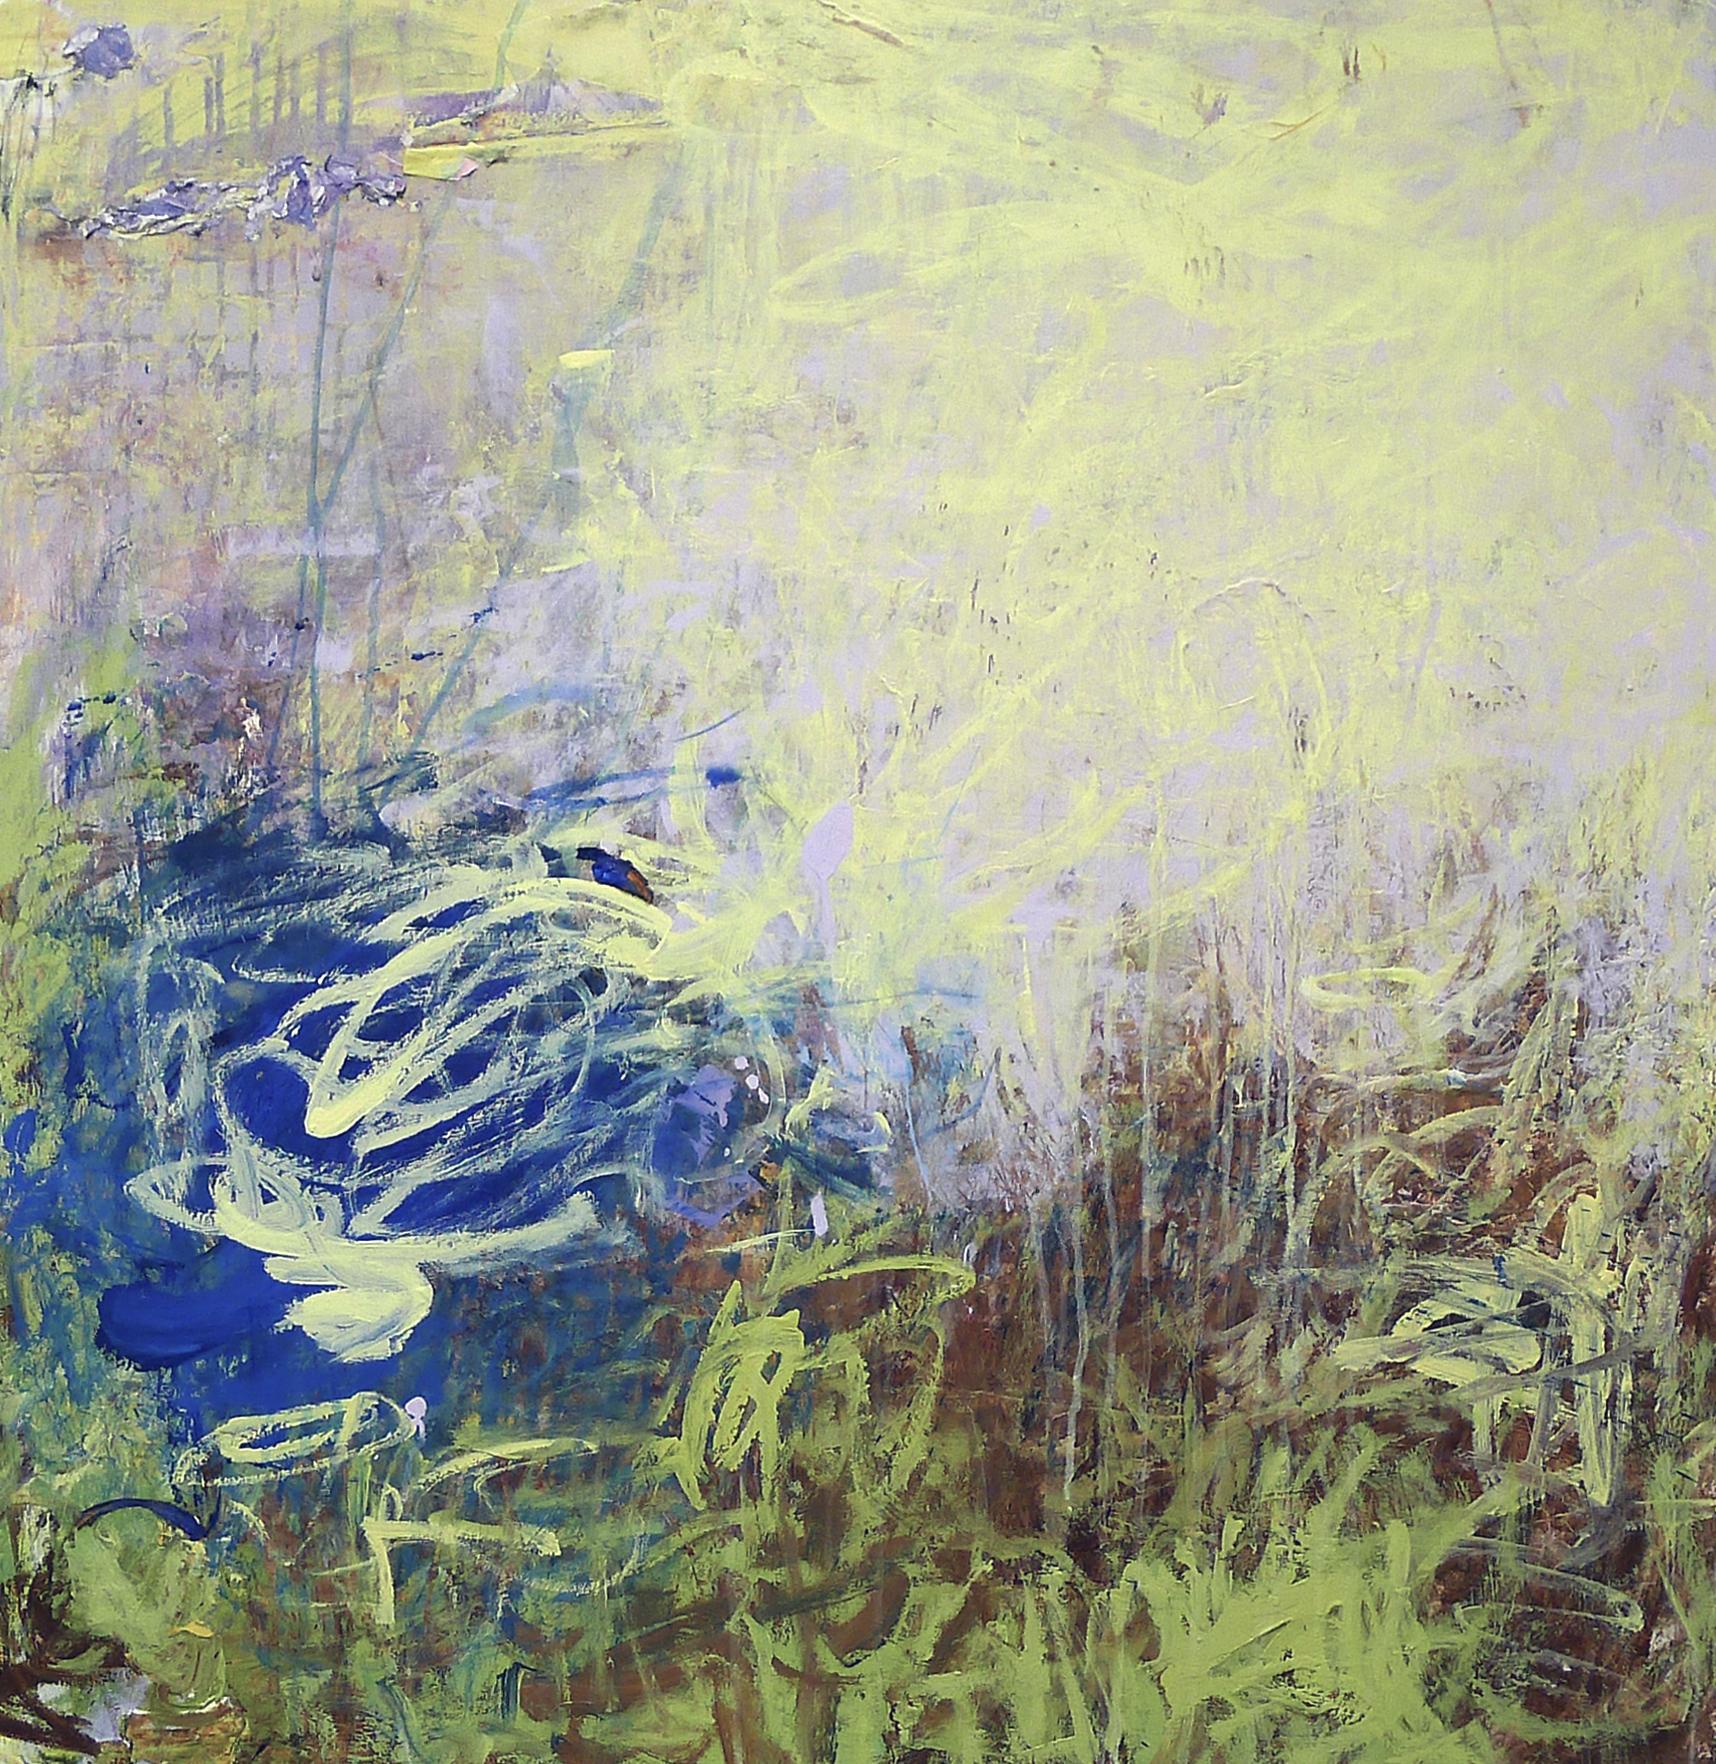 Cirioni,  Mazama 7 , Acrylic on panel, 36x34